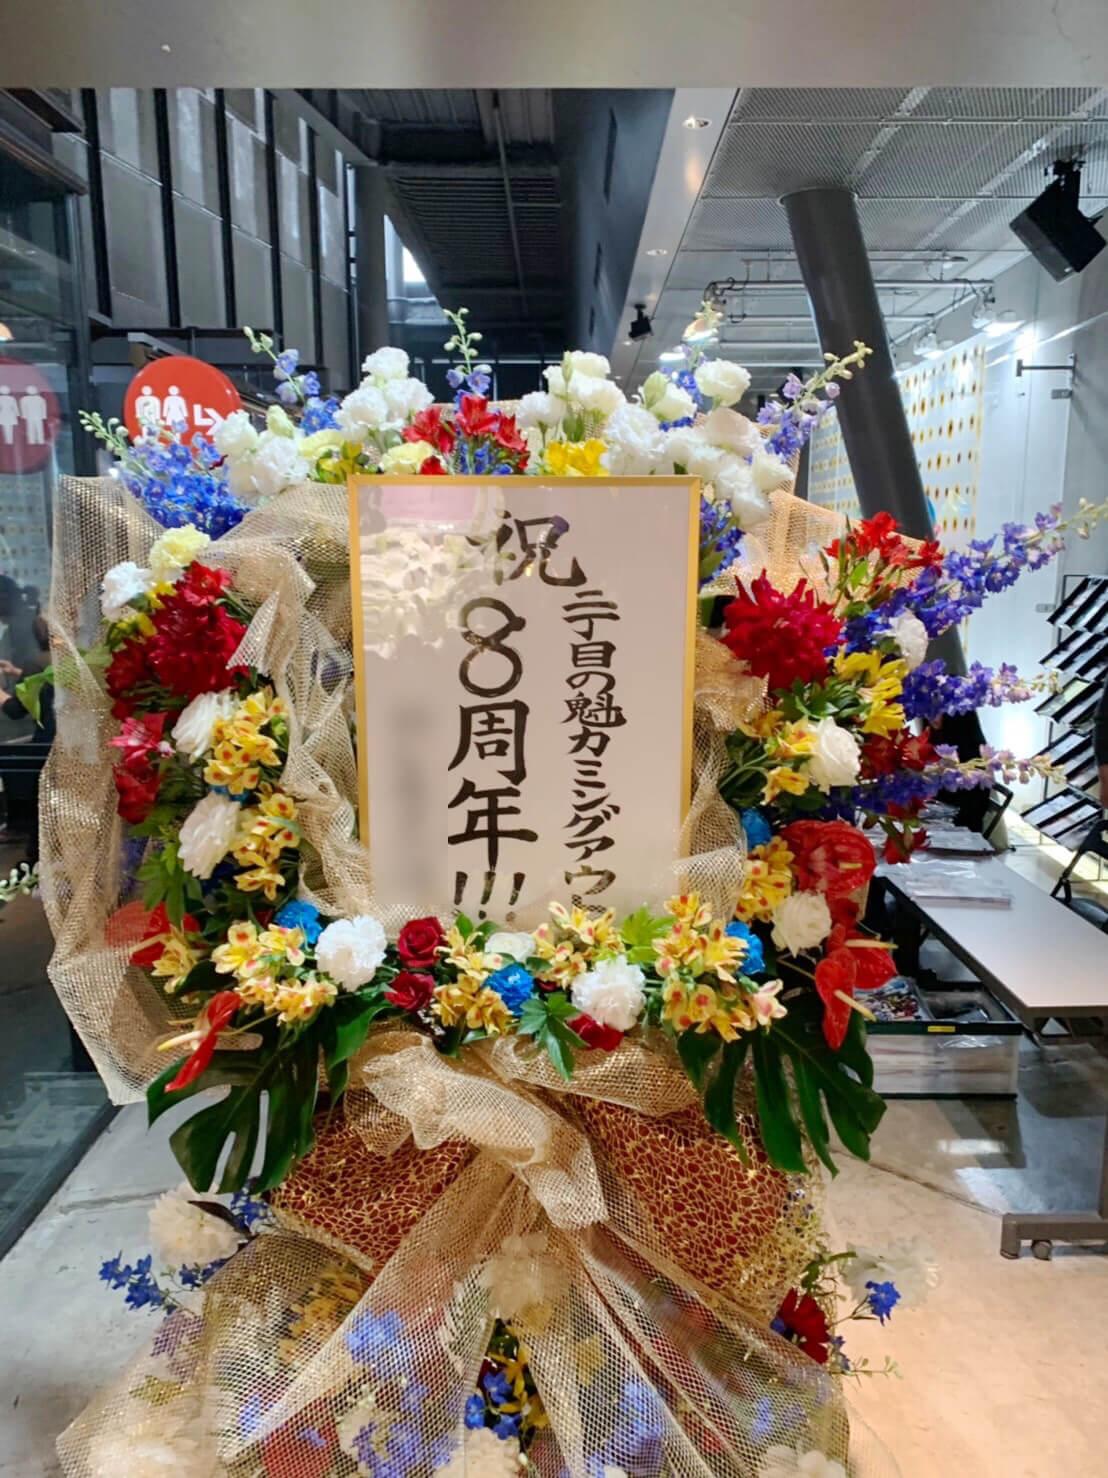 マイナビBLITZ赤坂 二丁目の魁カミングアウト様の8周年記念ライブ公演祝いフラスタ